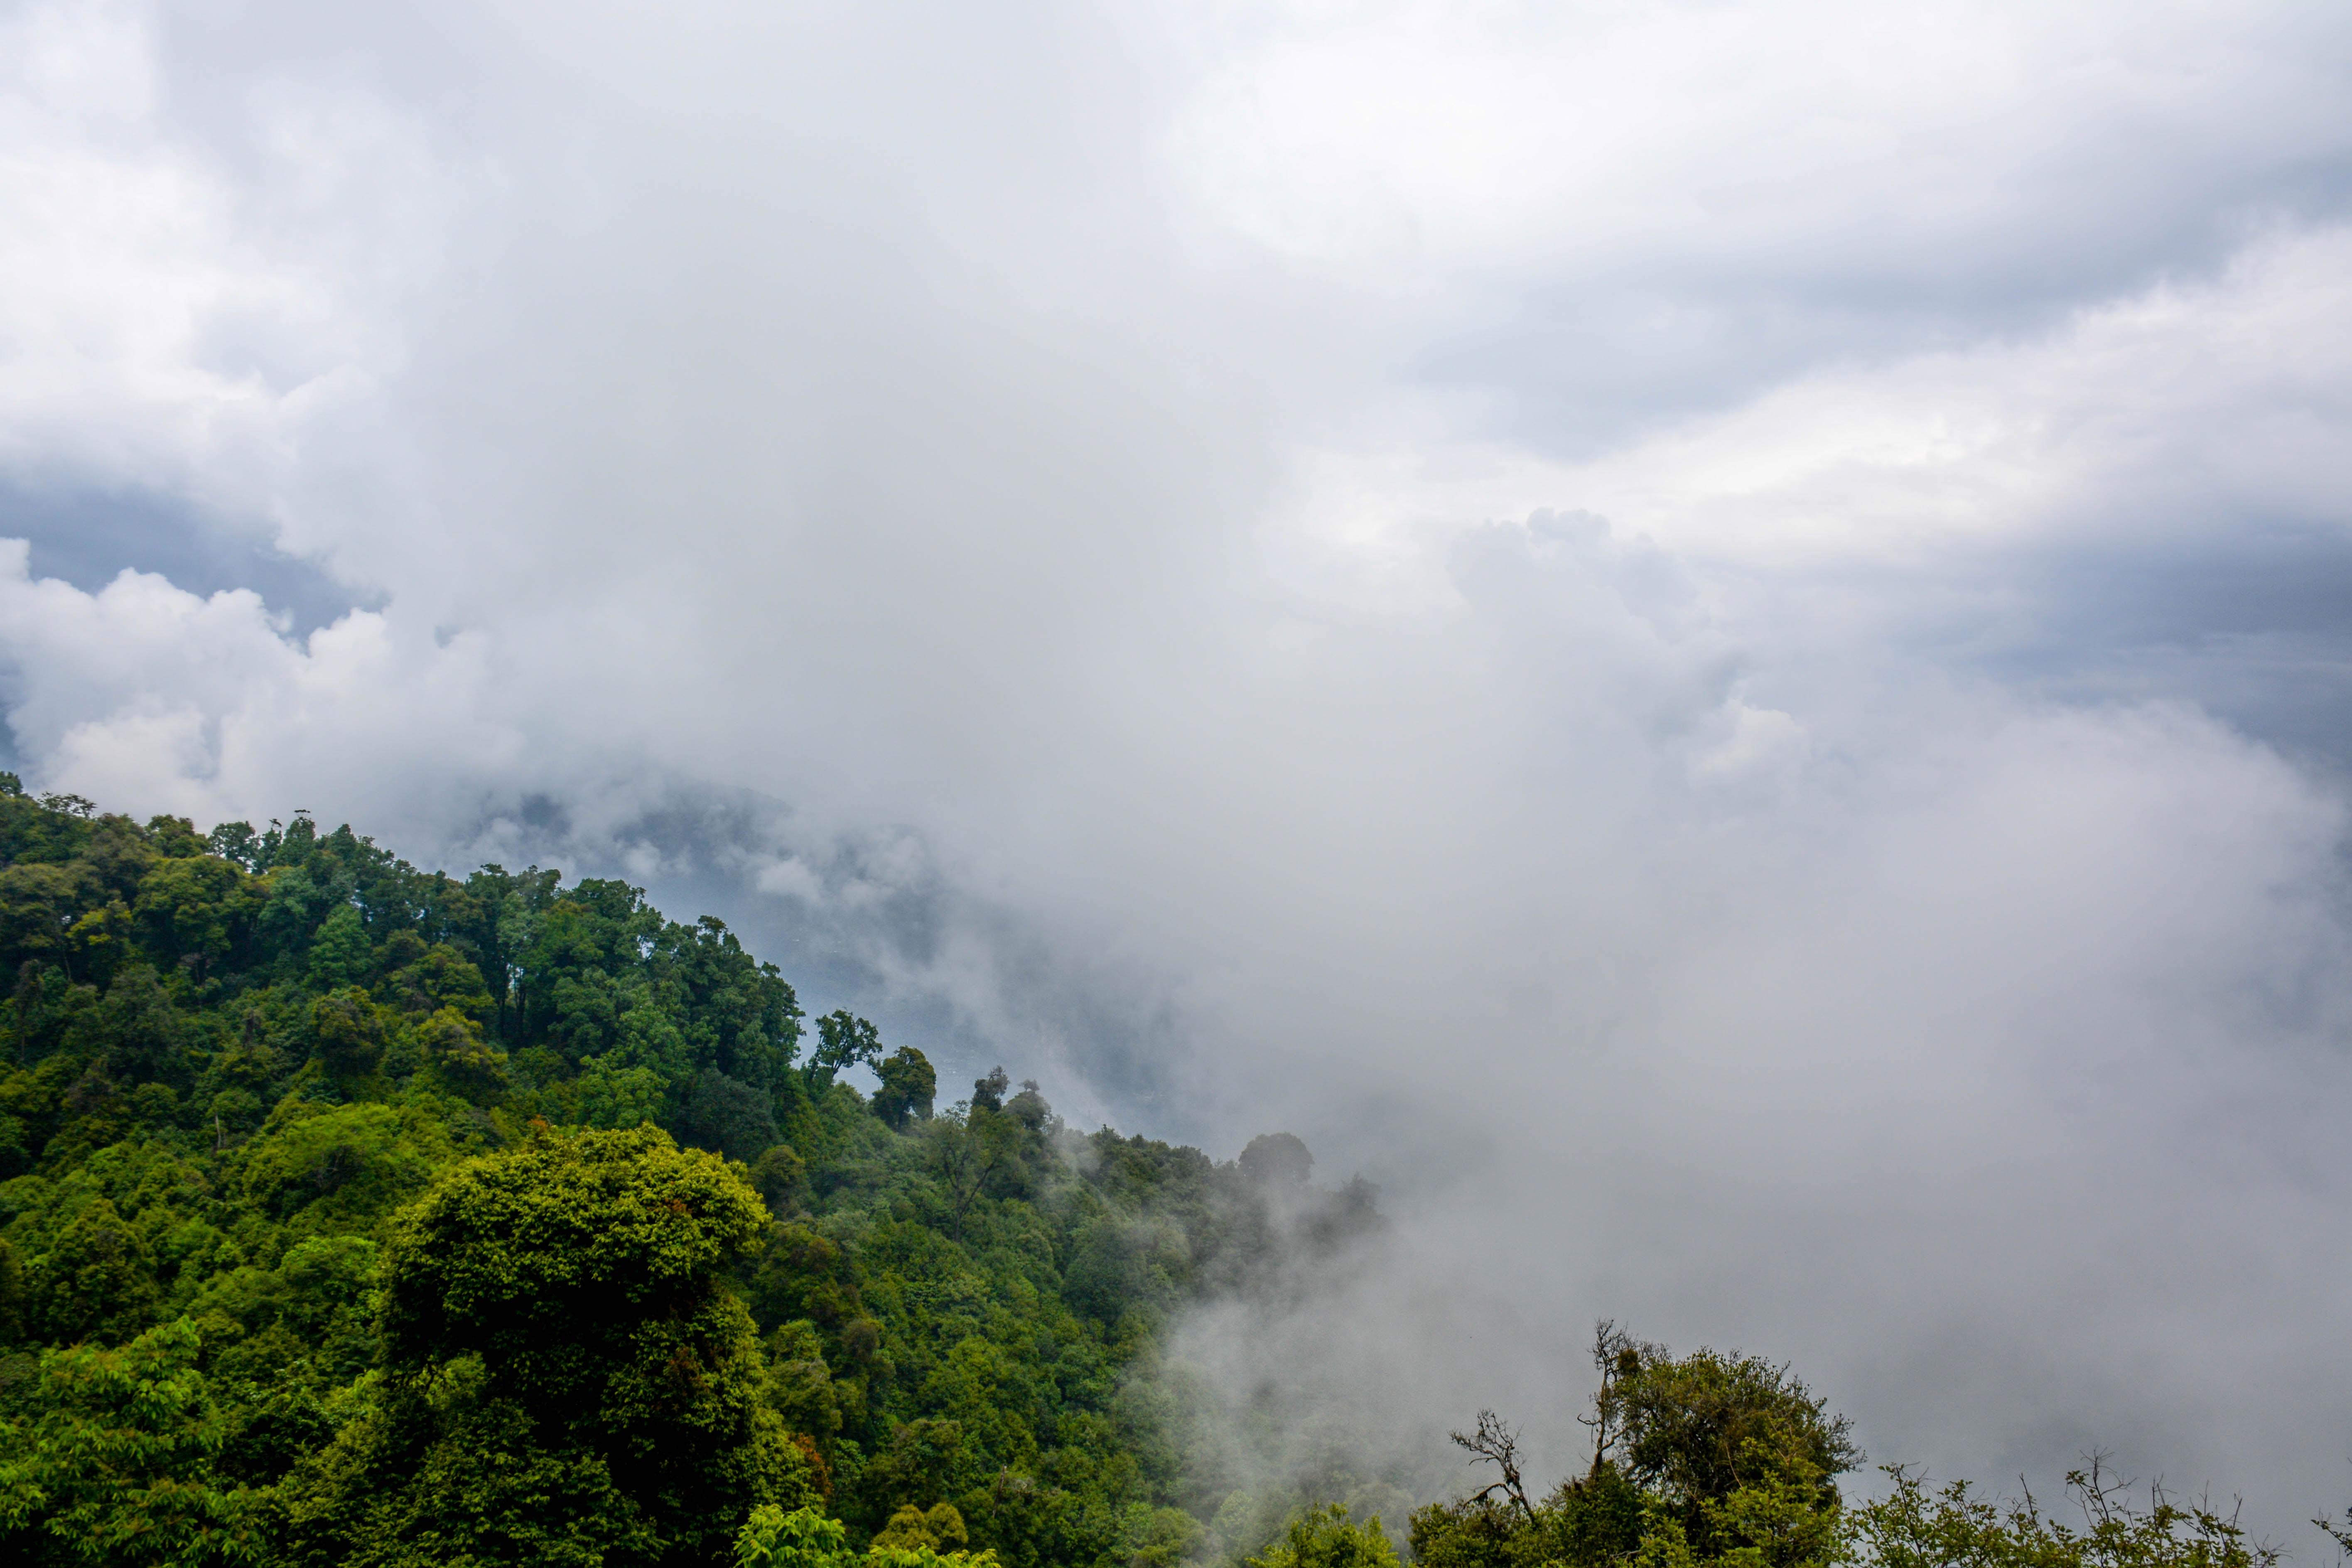 Clouds enveloping a wooded slope in Ravangla